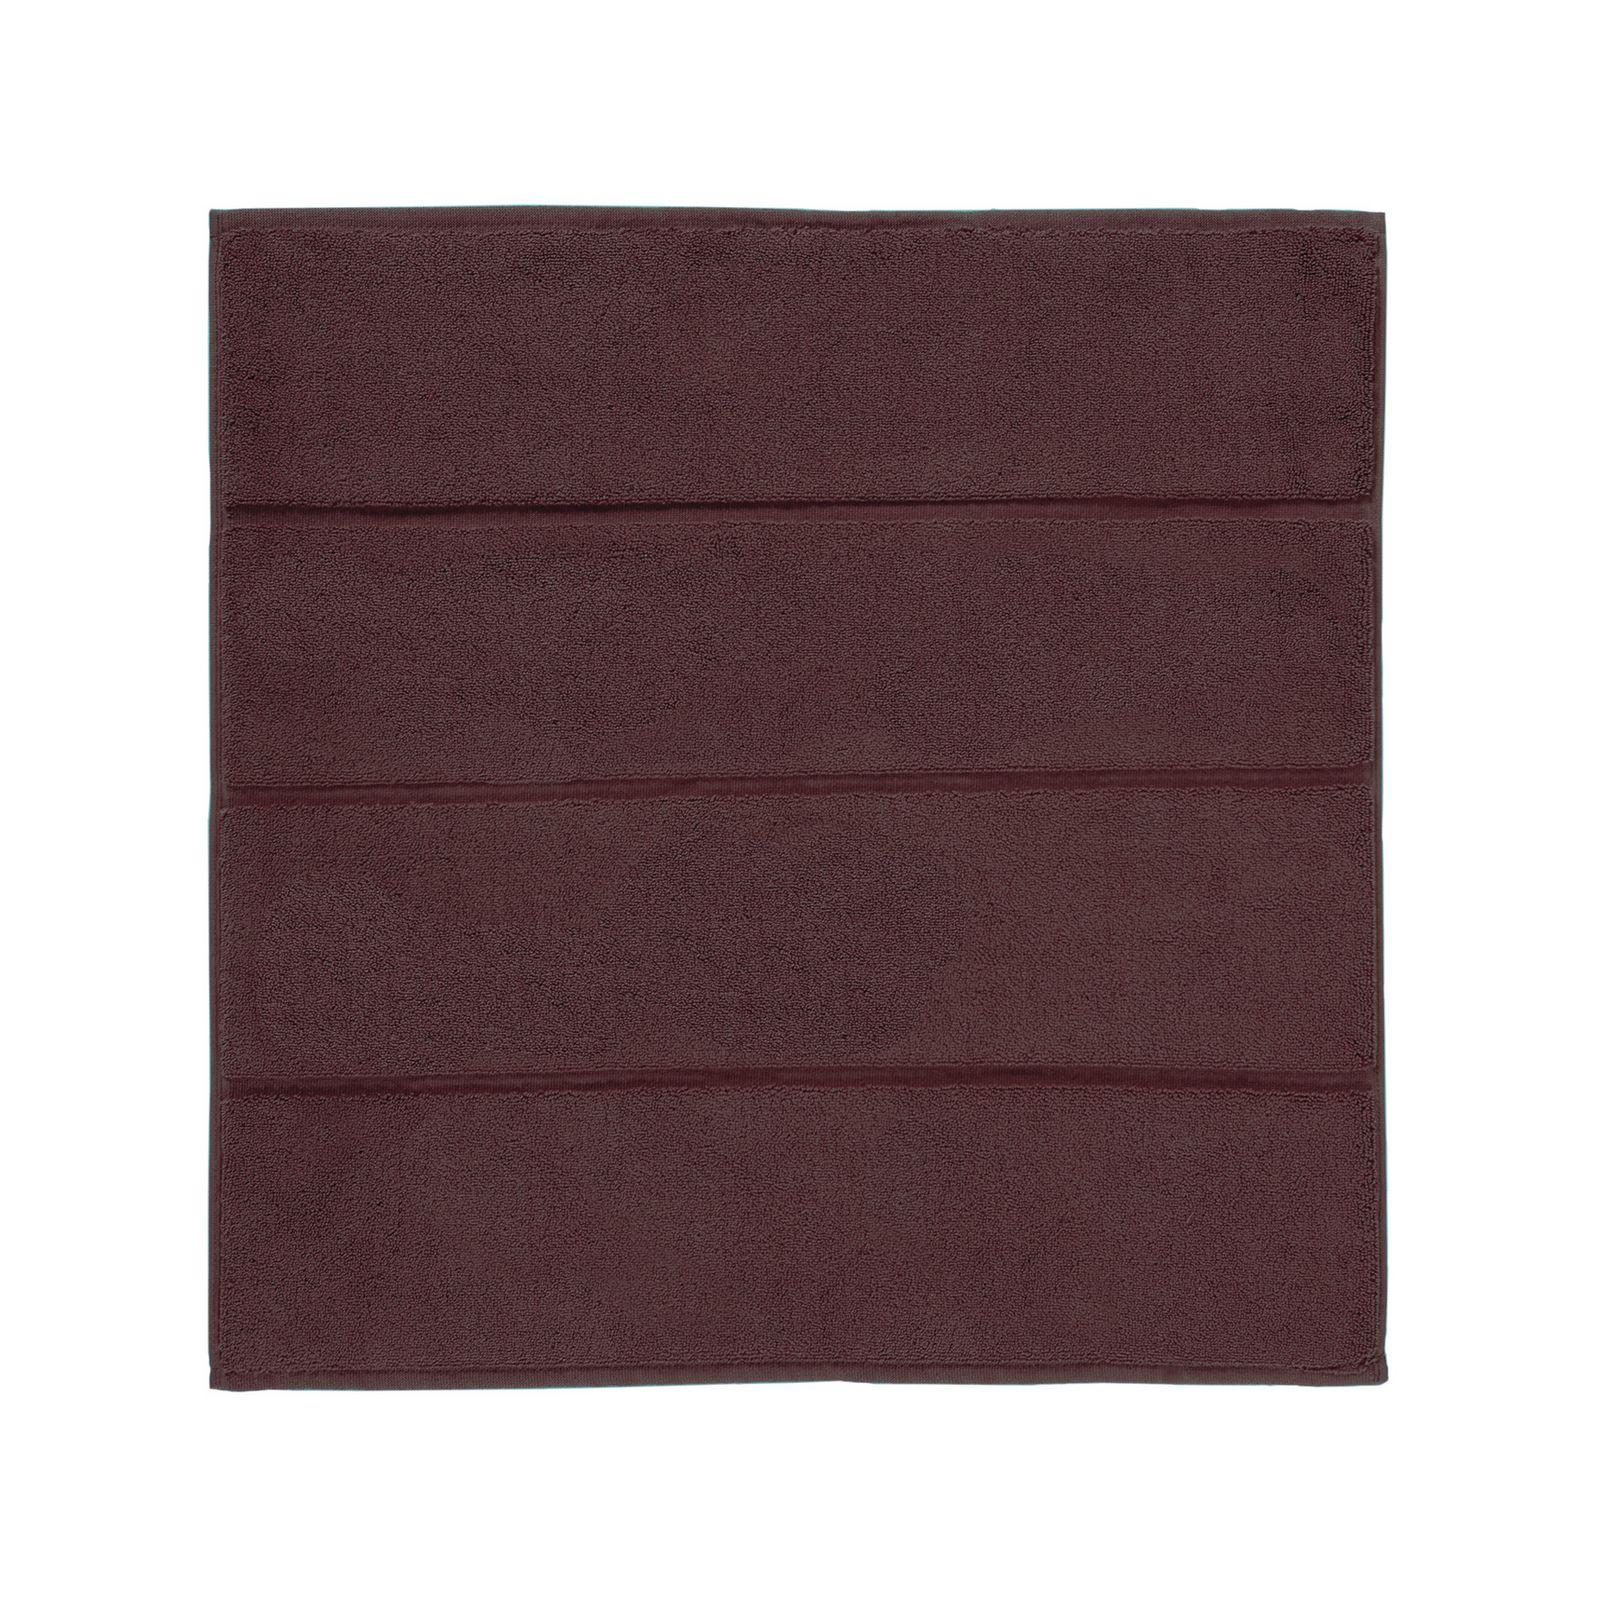 Коврик для ванной ACCENT 60x60ADABMB-354- Плотность: 1450 гр/м2. Материал:100% Акрил с ворсом. Внутренняя сторона: латексное напыление. Плотность: 1450 гр/м2. Цвет: аквамариновый. Размер: длина 60, ширина 60. Aquanova- бельгийский бренд, представляющий стильные аксессуары и текстиль для ванной и дома. Это те необходимые предметы, которые делают дом уютным, отражая индивидуальный характер хозяина. Философия бренда – We love to create the look you like – вдохновляет на создание в доме своего собственного, неповторимого стиля. Дизайнеры бренда Aquanova особенно тщательно продумывают цветовые сочетания аксессуаров для ванной и текстиля, материалы и дизайн предметов: какую бы коллекцию вы ни выбрали, она с лёгкостью впишется в ваш интерьер. Привычные дозатор для мыла, стакан для зубных щеток или корзина для белья в исполнении бренда Aquanova превращаются в поистине дизайнерские предметы, которые придадут вашему дому особый стиль.